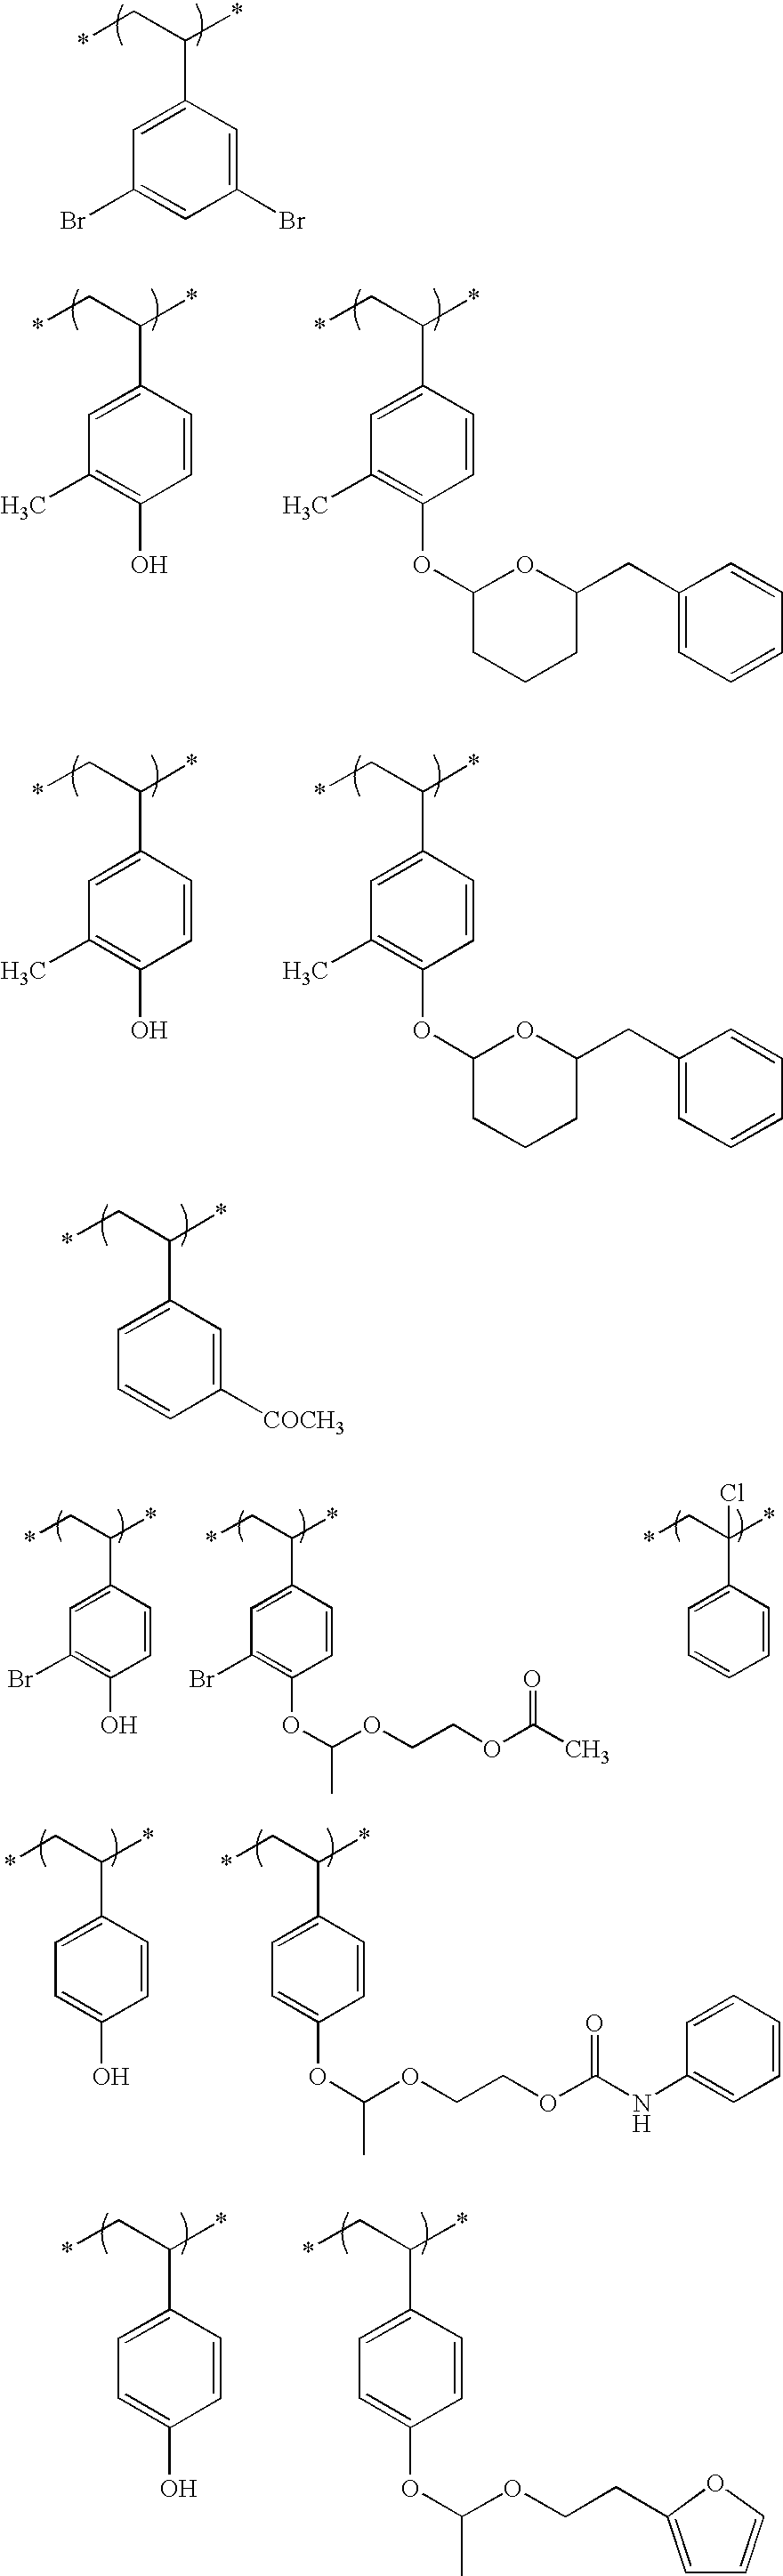 Figure US08852845-20141007-C00215